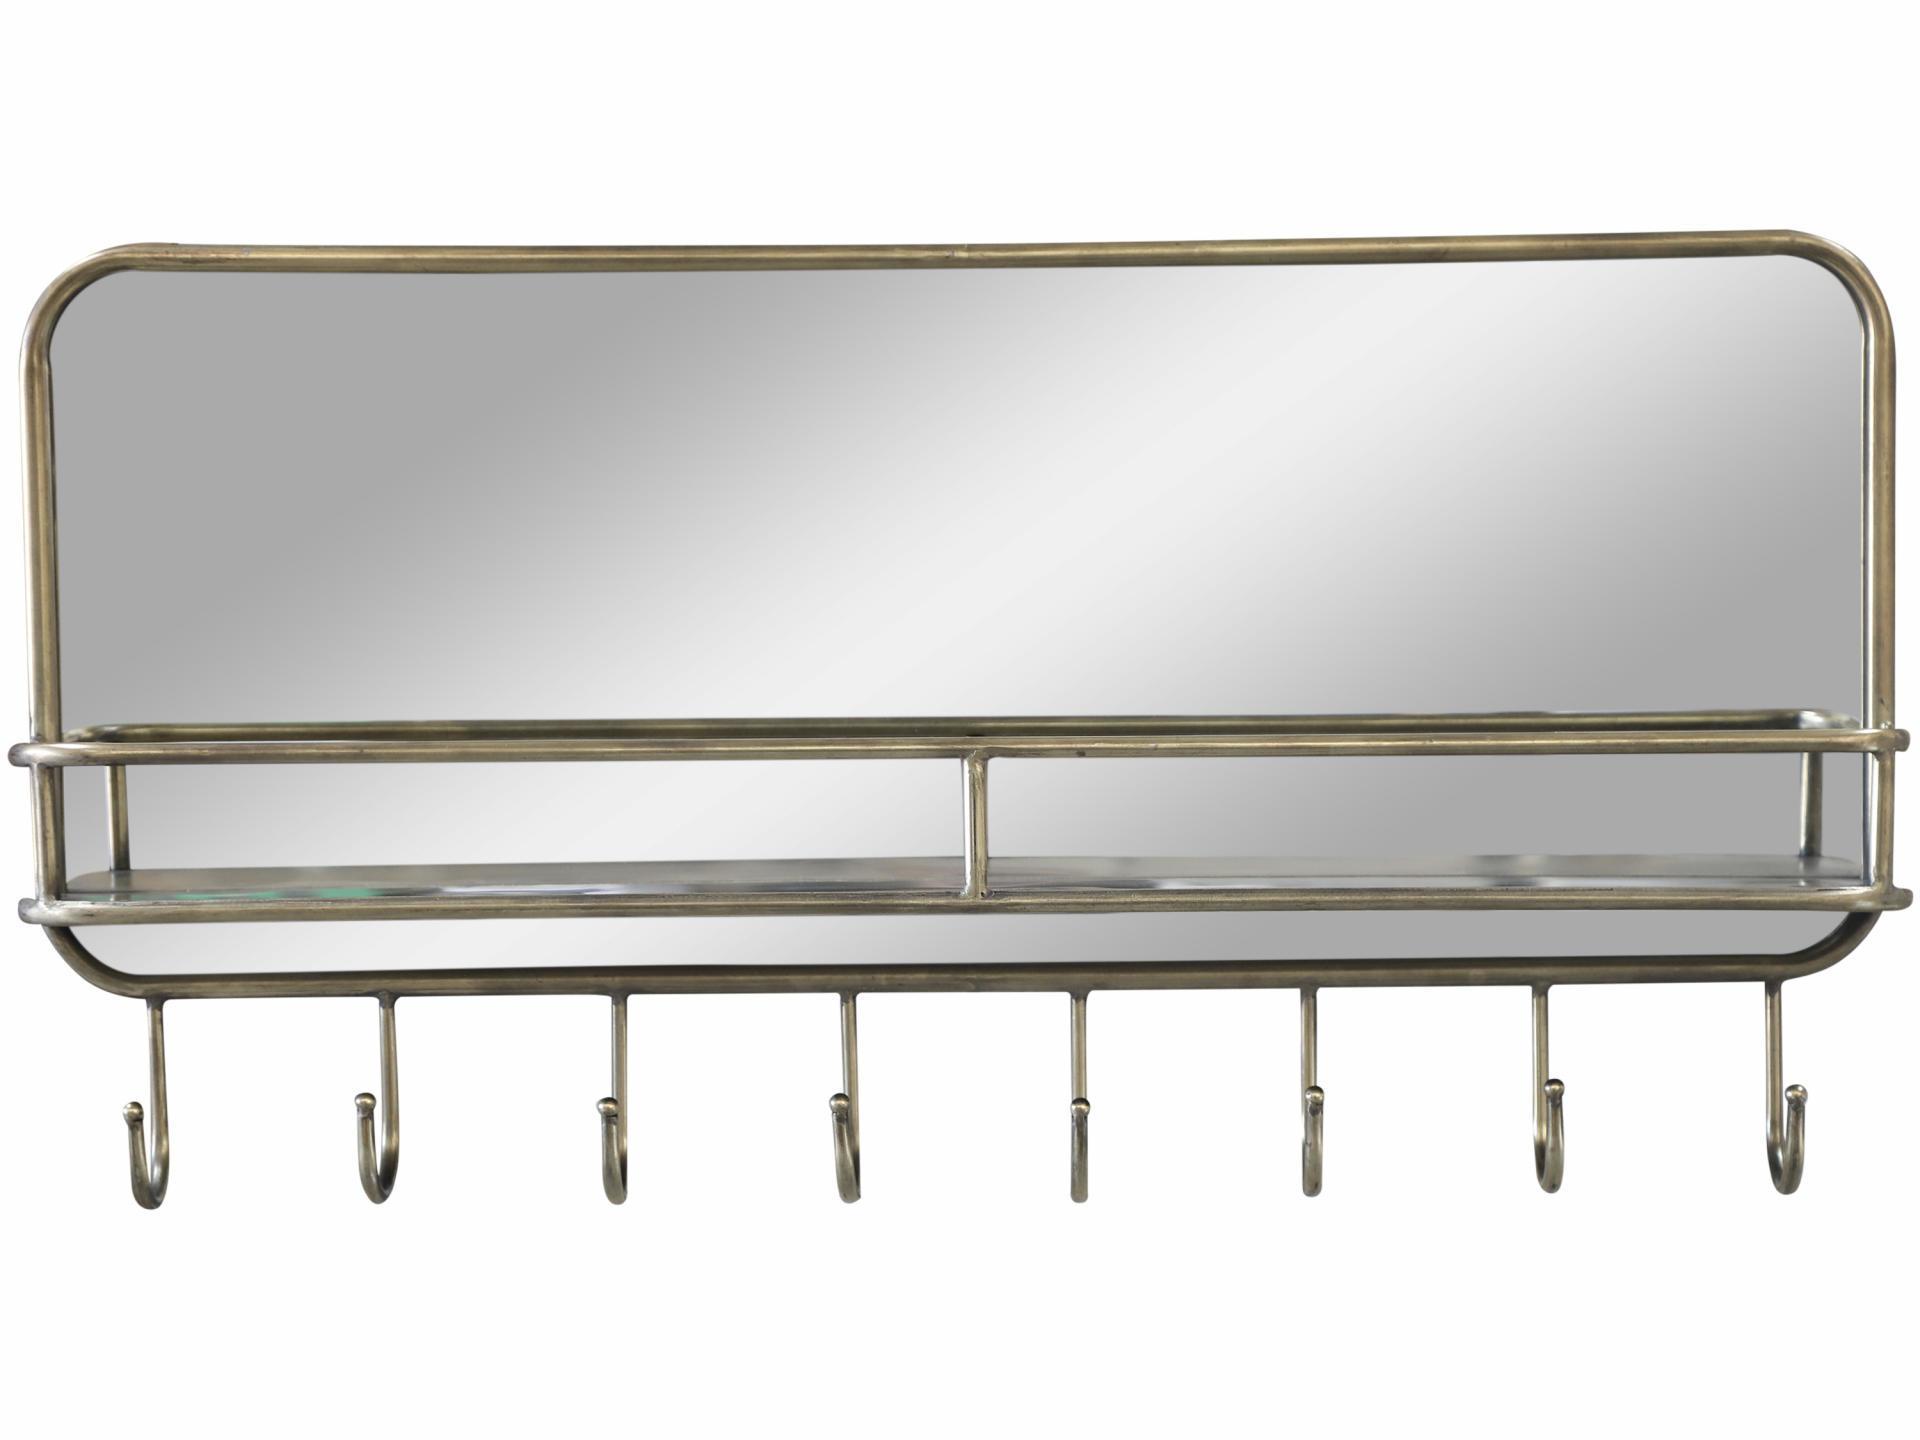 Chic Antique Zrcadlo s poličkou a háčky Antique Brass, šedá barva, sklo, kov - Chic Antique Lucerna s časovačem Lantern Antique 32cm, černá barva, měděná barva, sklo, kov